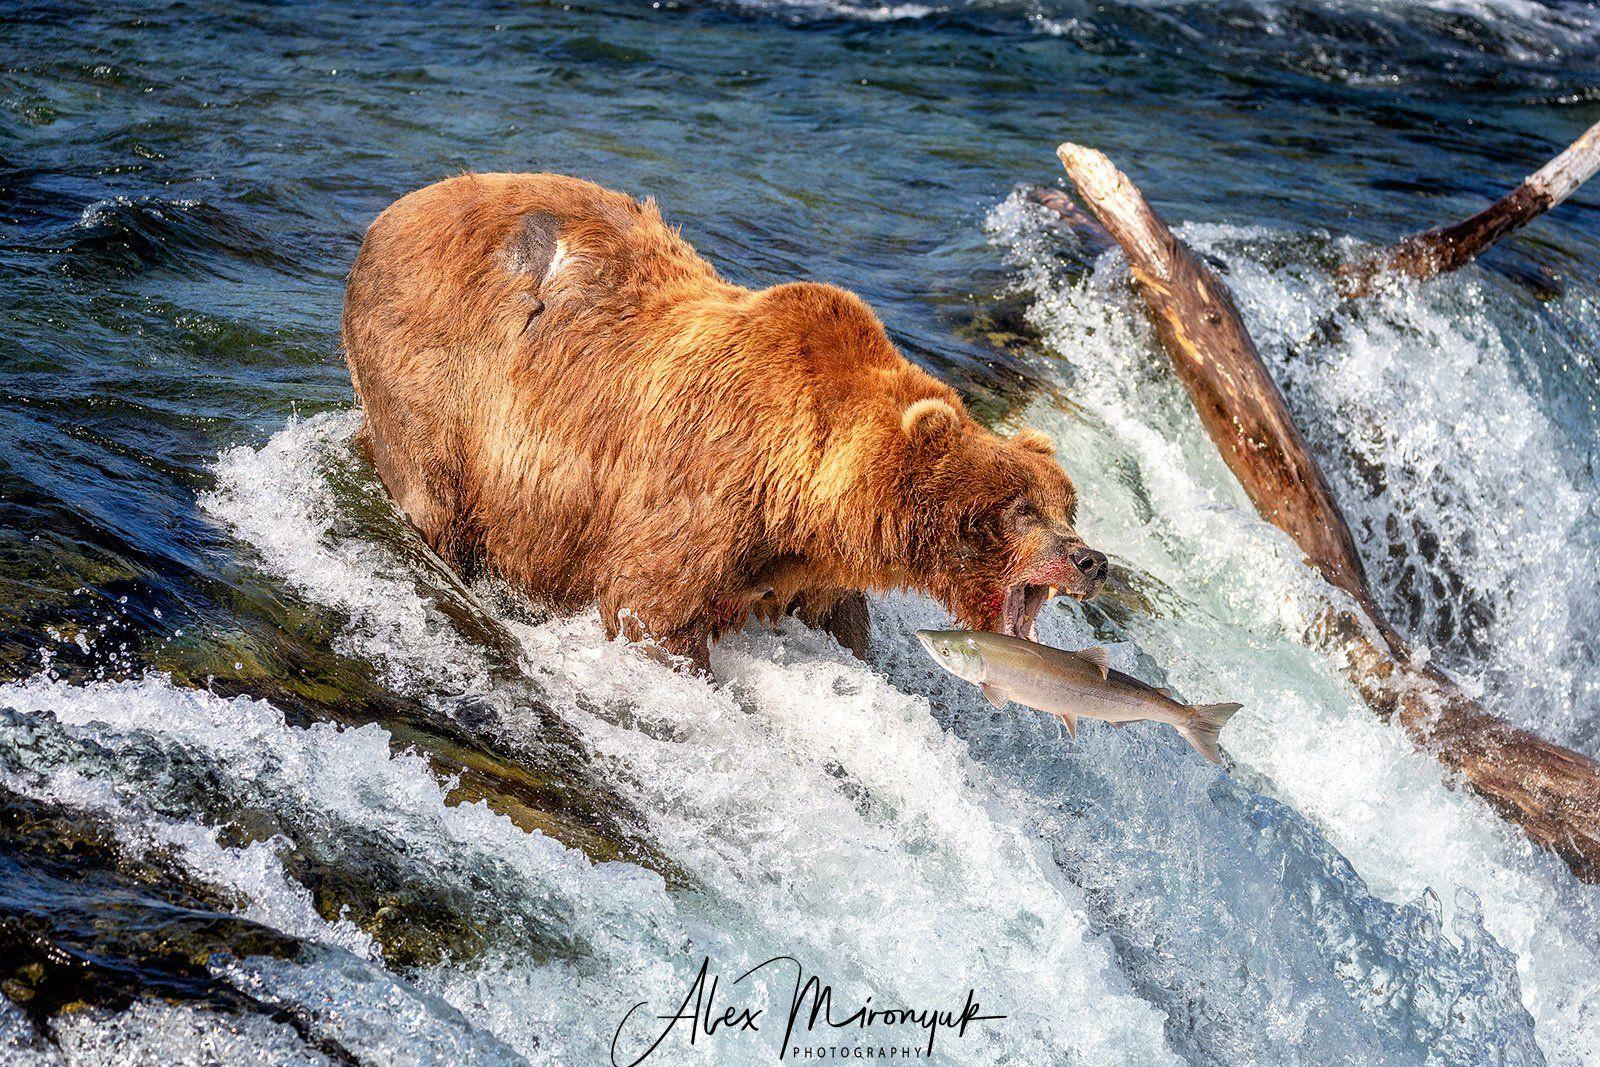 сша, аляска, медведь, гризли, рыбалка, лосось, вода, река, природа, дикая, Alex Mironyuk